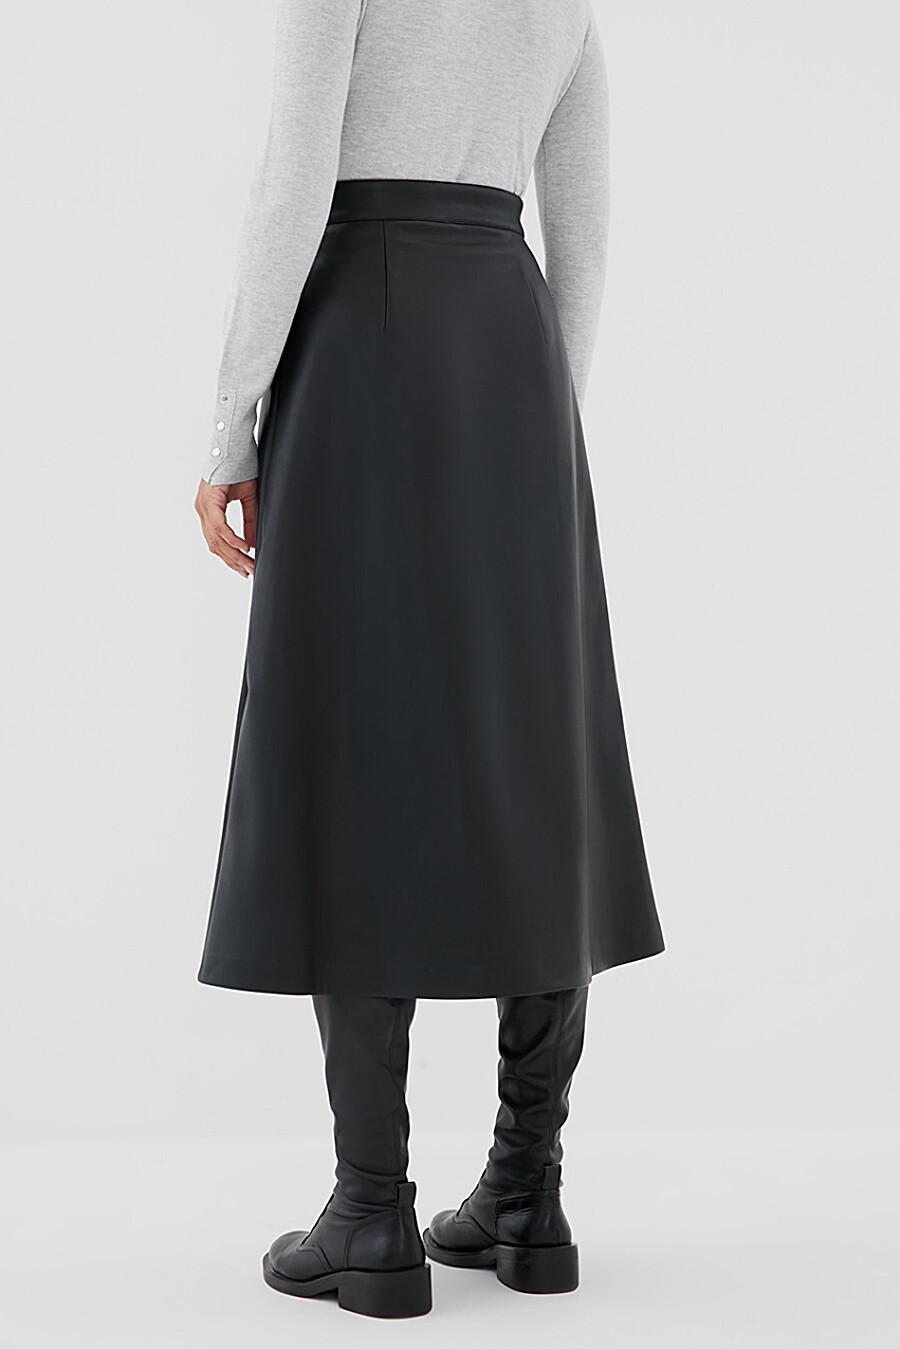 Юбка для женщин ZARINA 261211 купить оптом от производителя. Совместная покупка женской одежды в OptMoyo